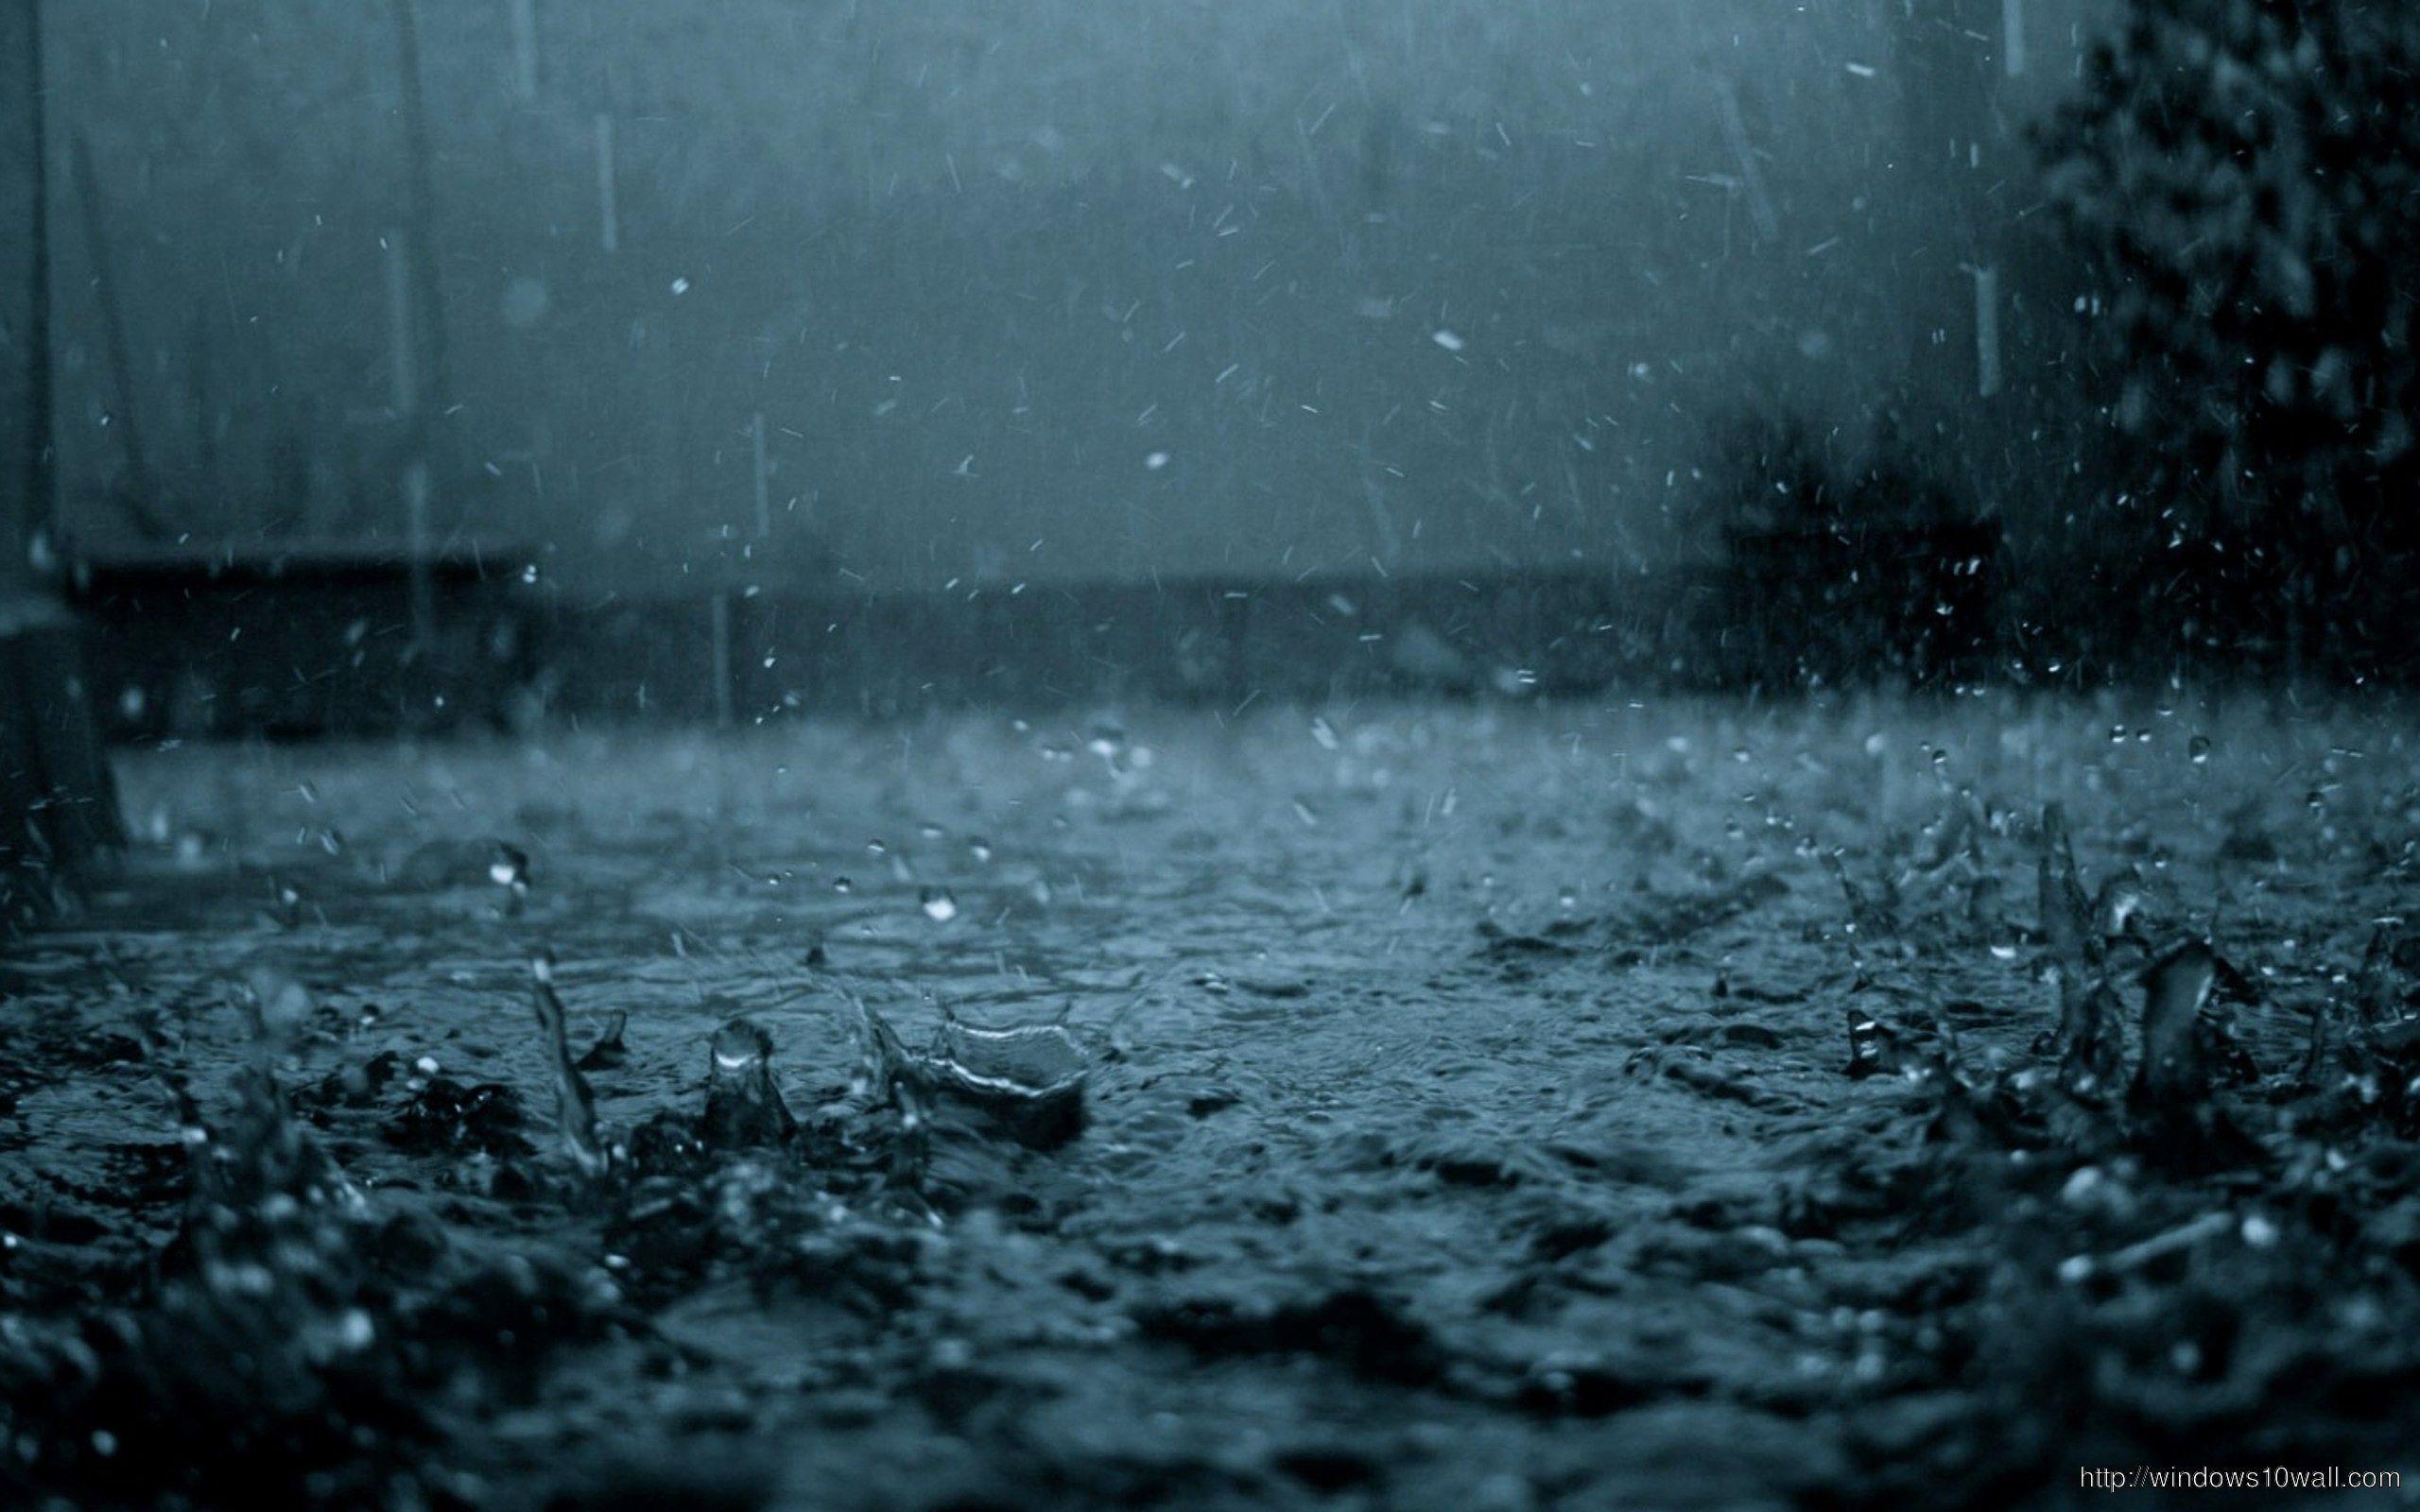 rain-drops-hd-Wallpaper